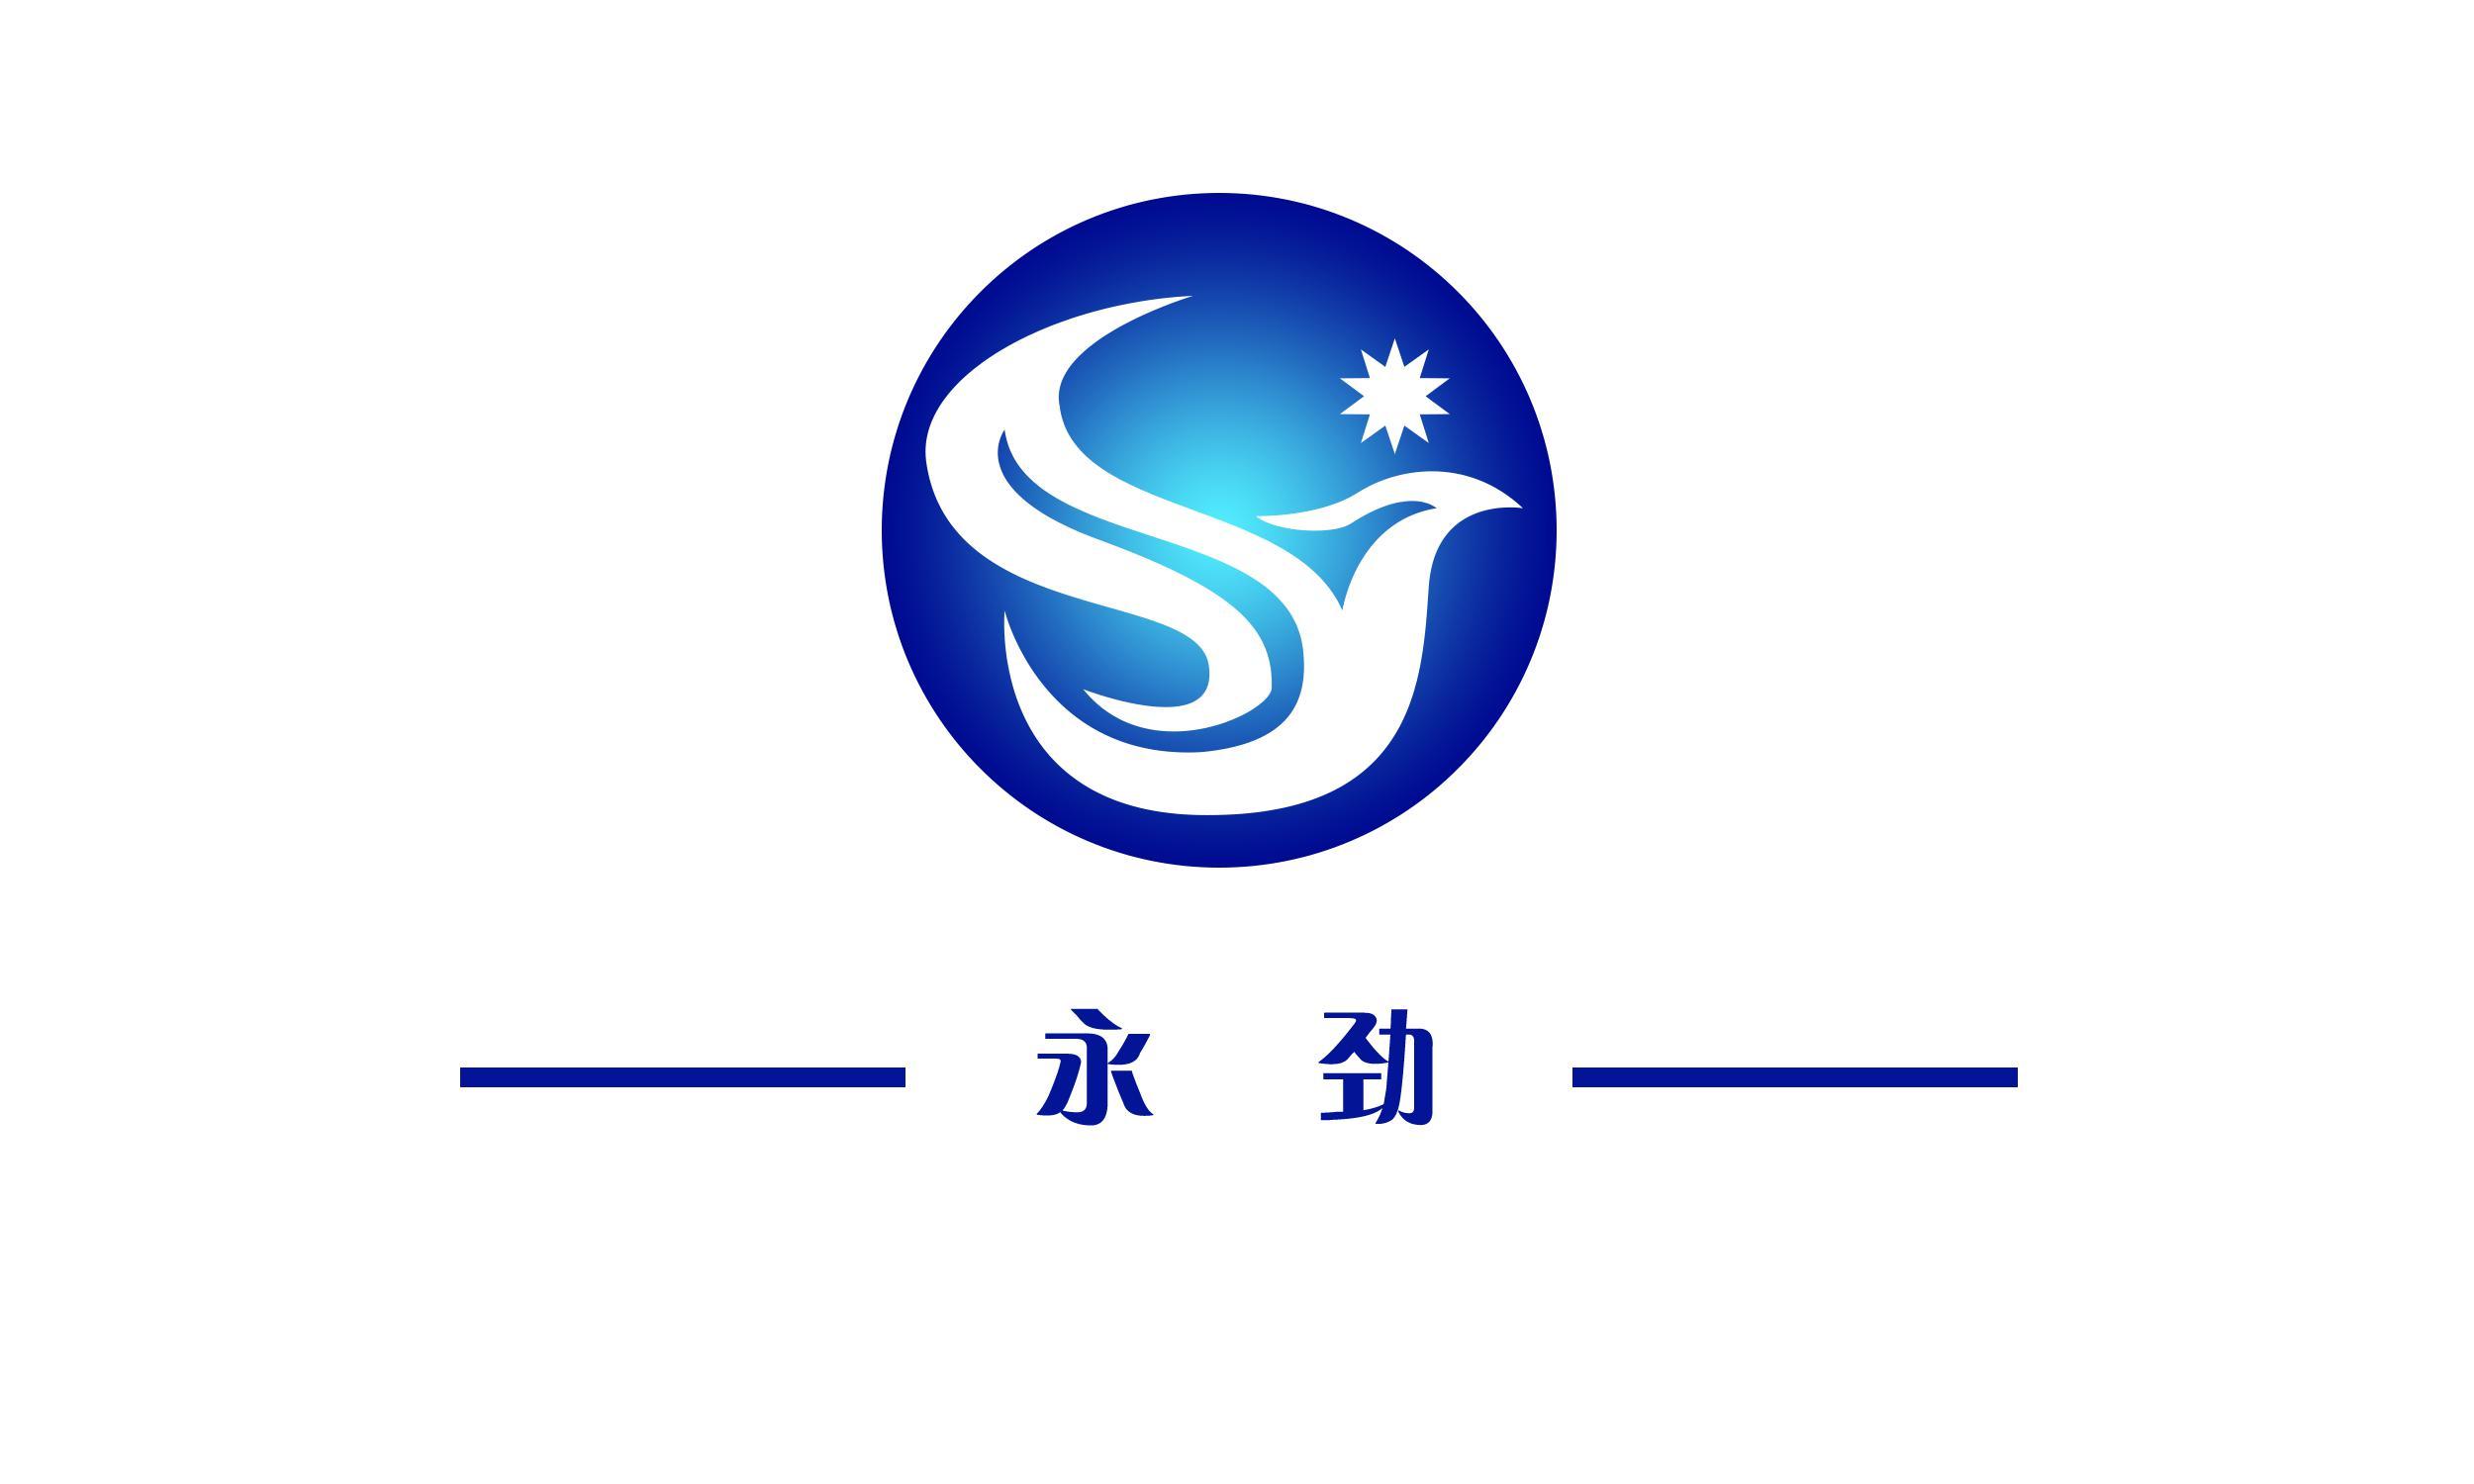 安徽永劲机械科技有限公司